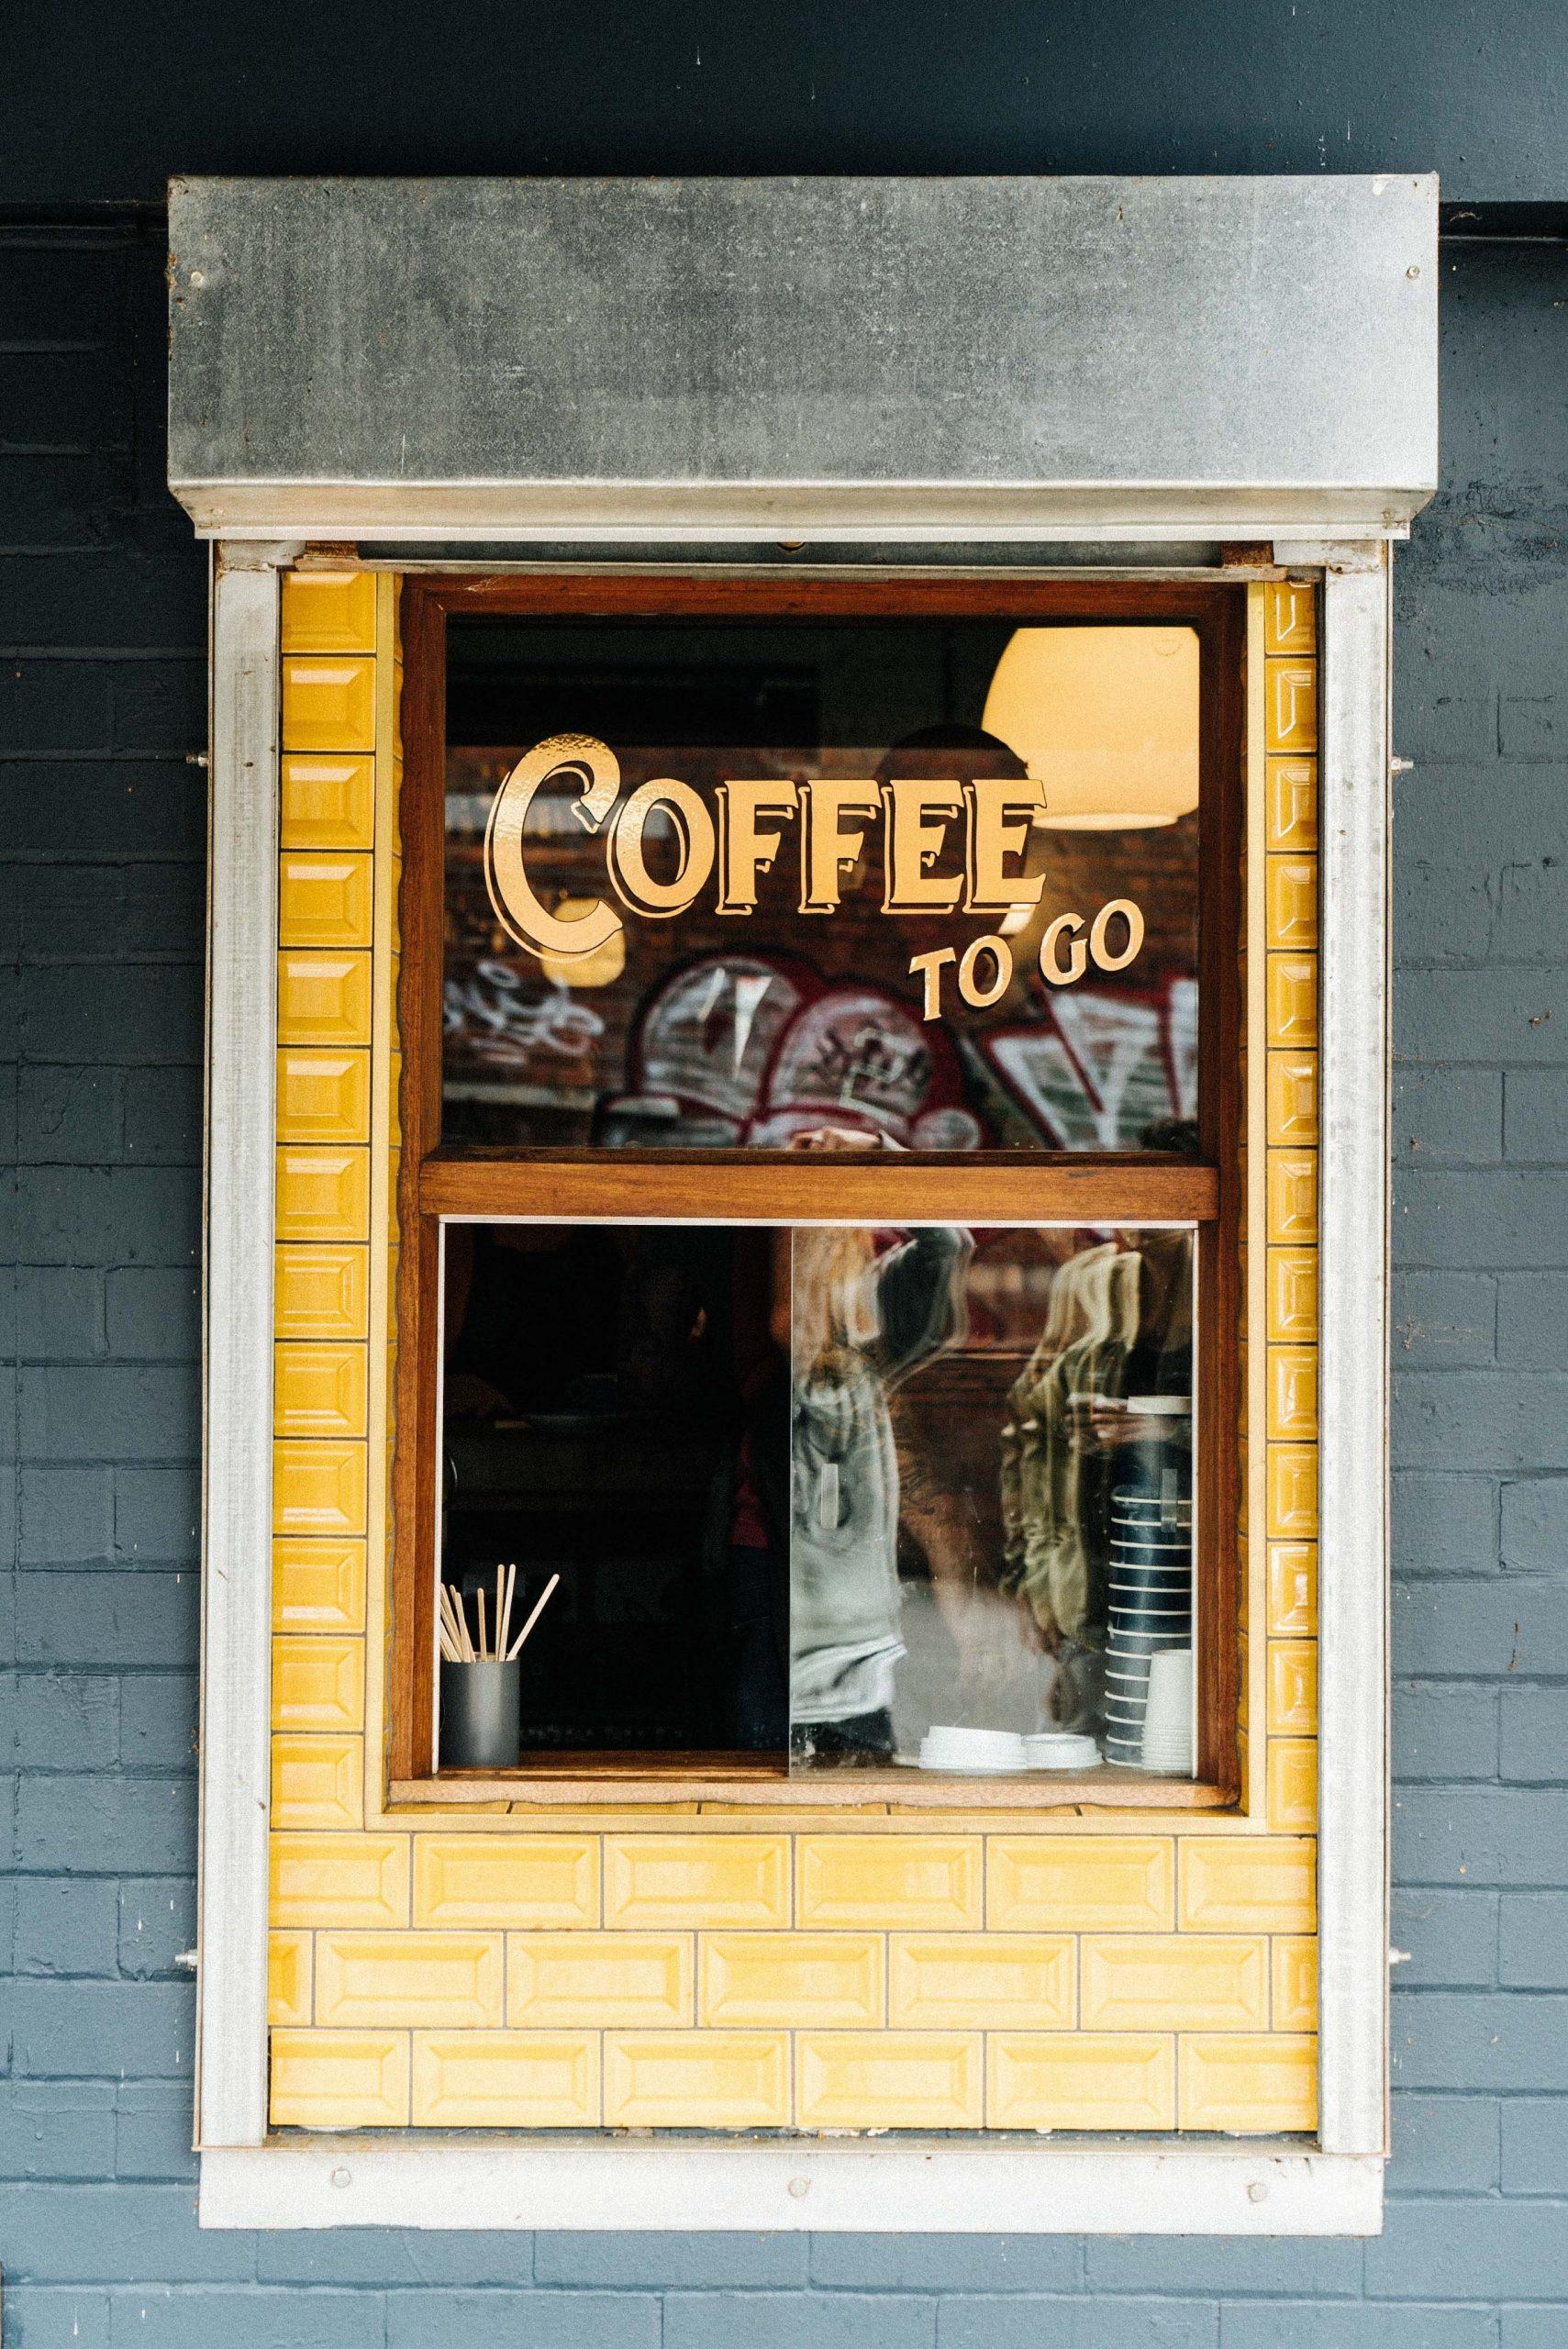 walk up coffee to go window